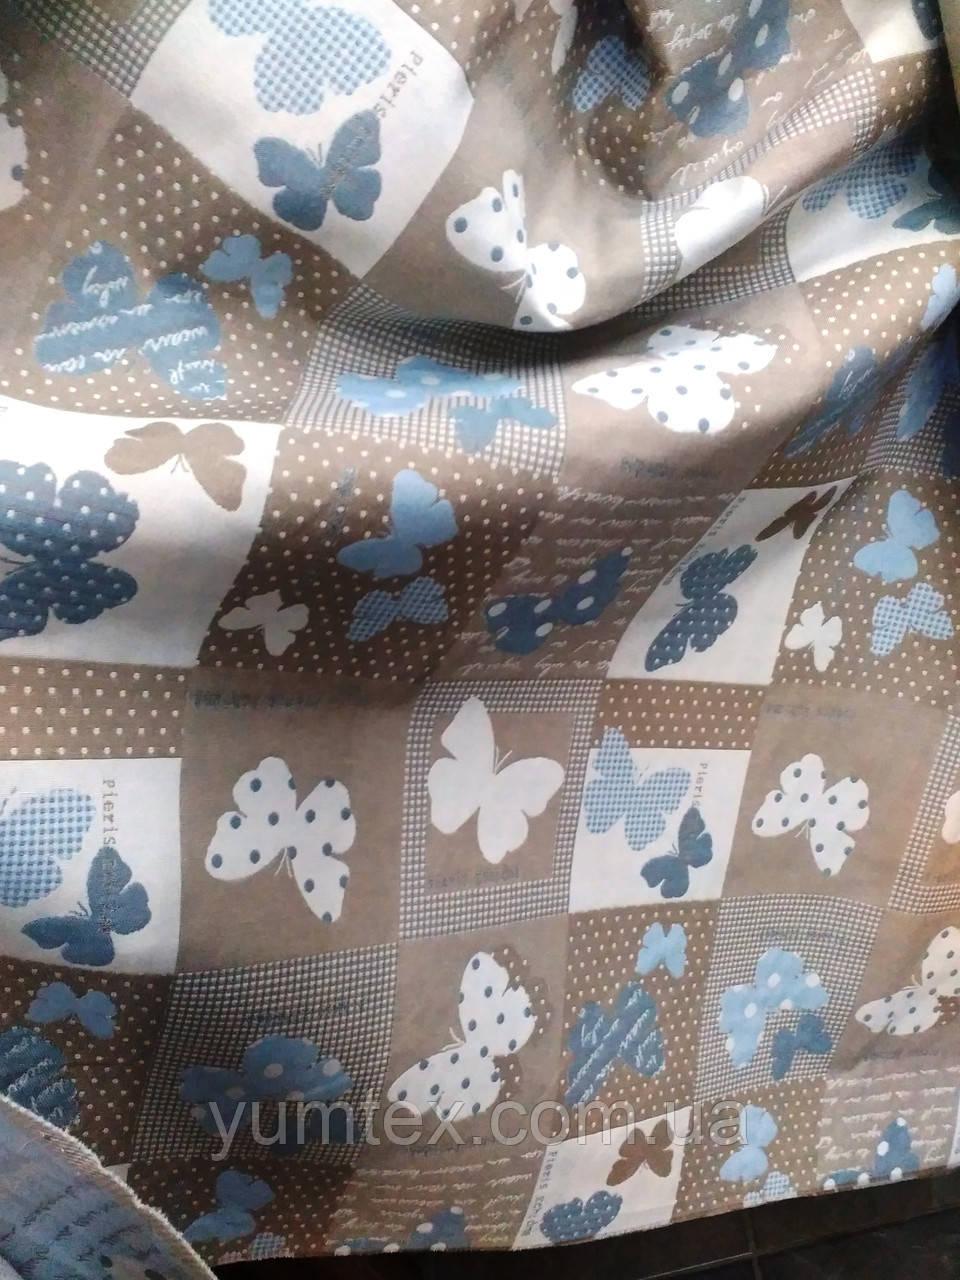 Ткань декративная голубые и белые бабочки, фон капучино